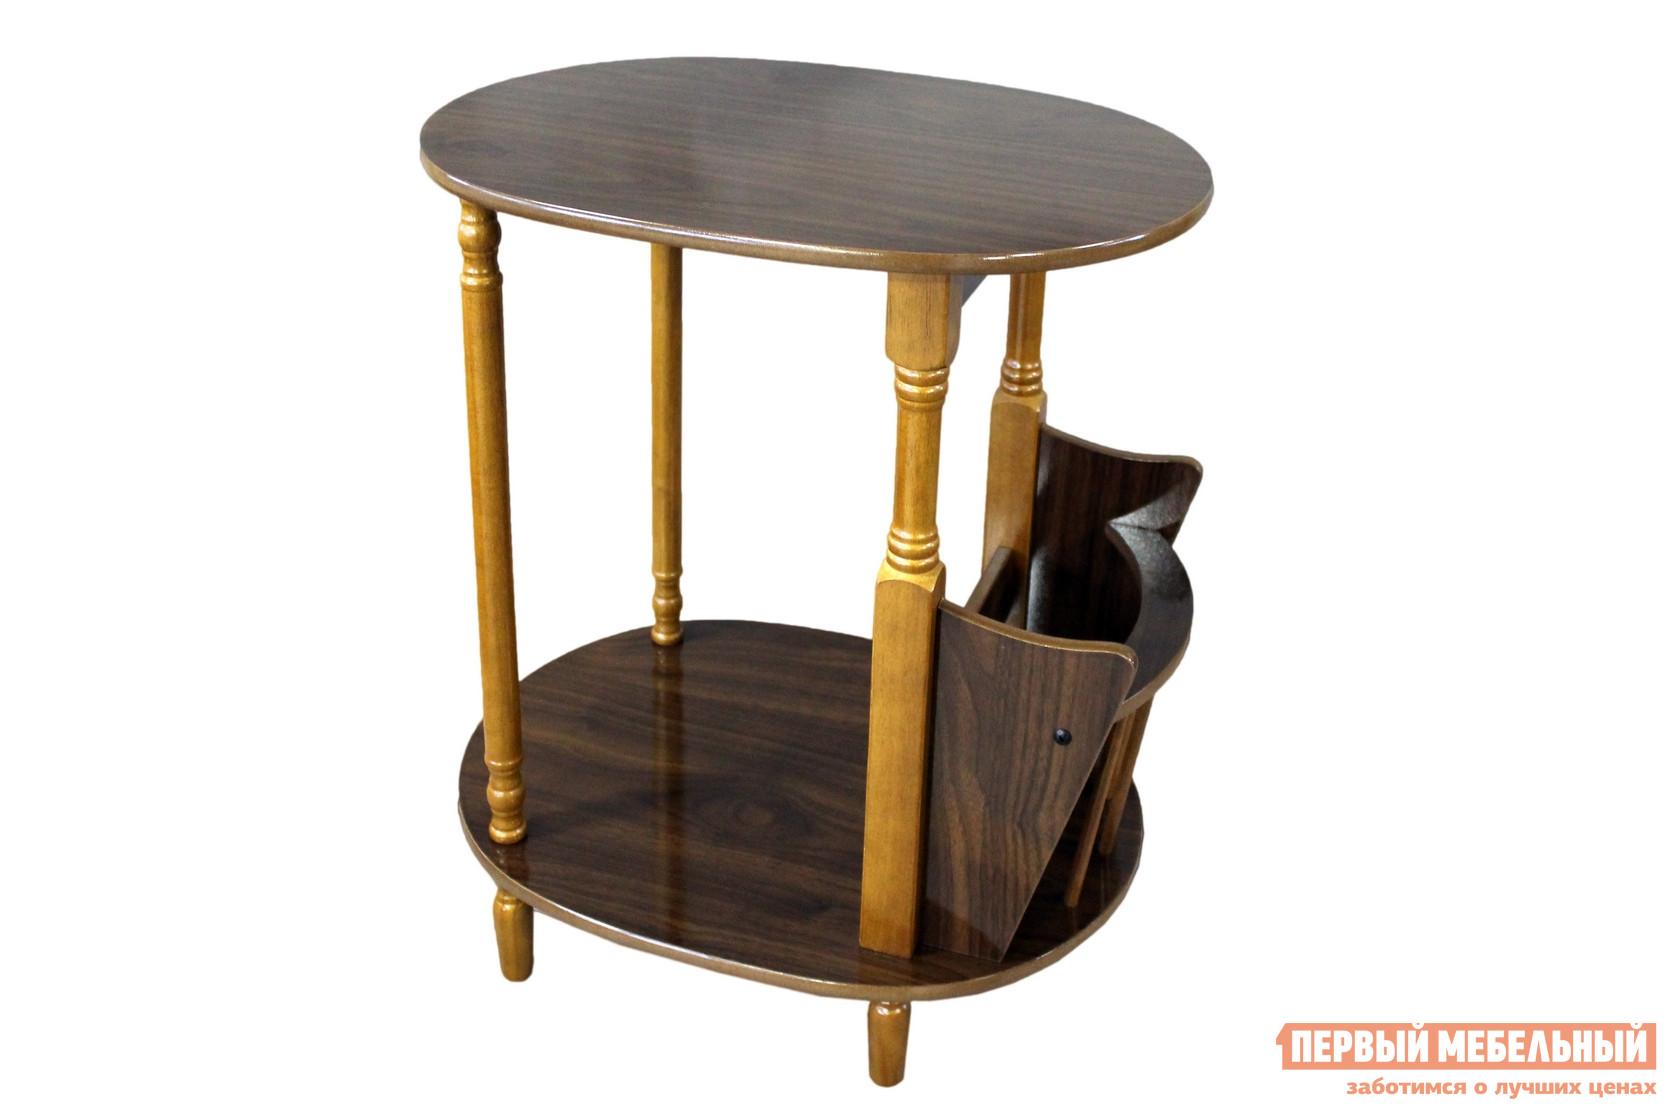 Журнальный столик МебельТорг Столик журнальный 1692 Орех